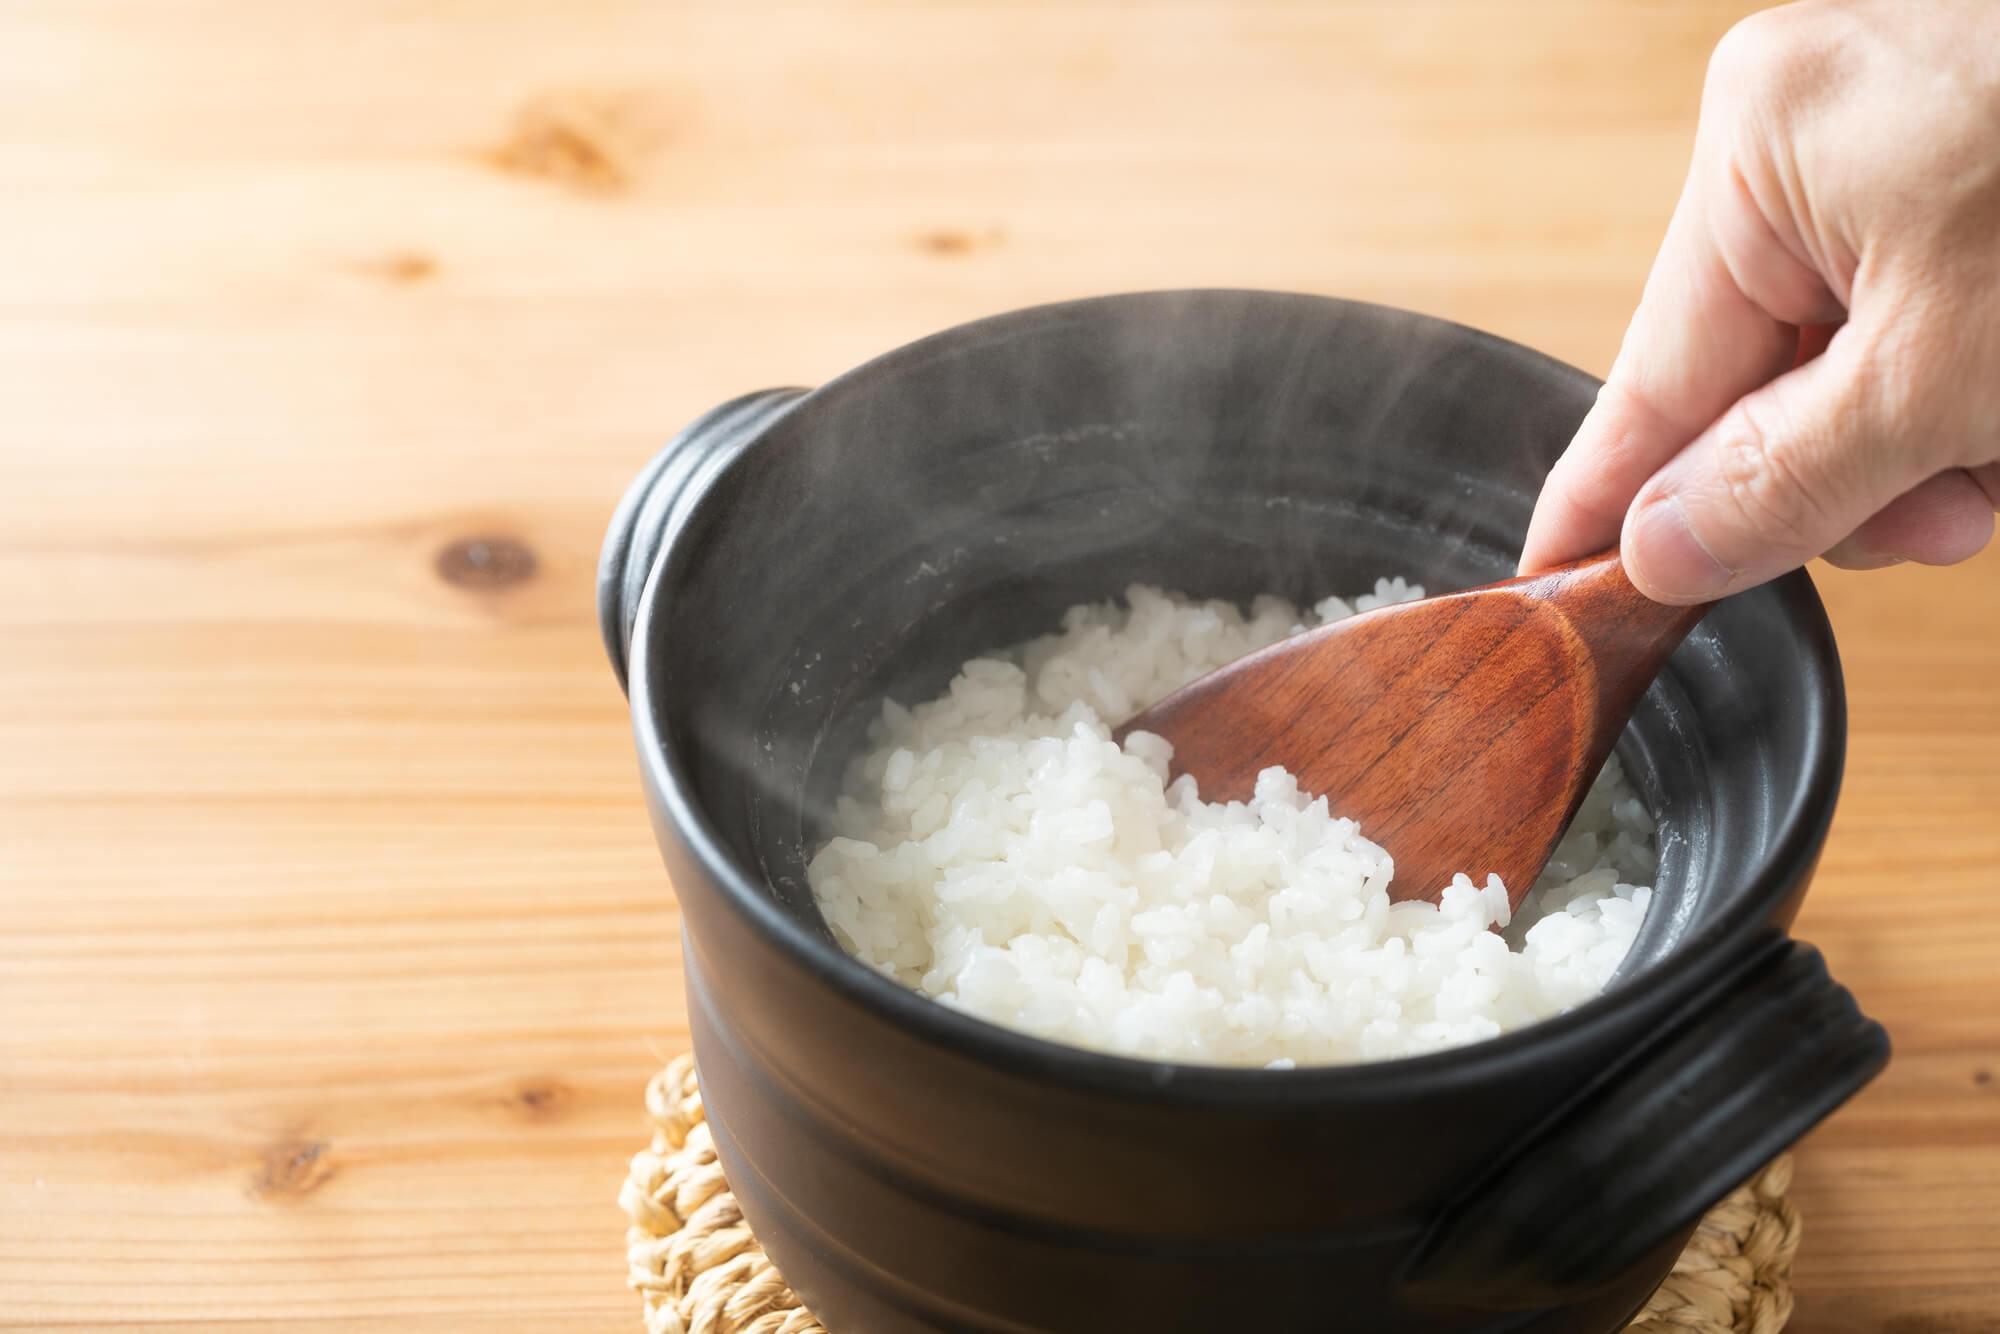 白米のカロリーはどれくらい?おいしく健康的に食べる方法とは